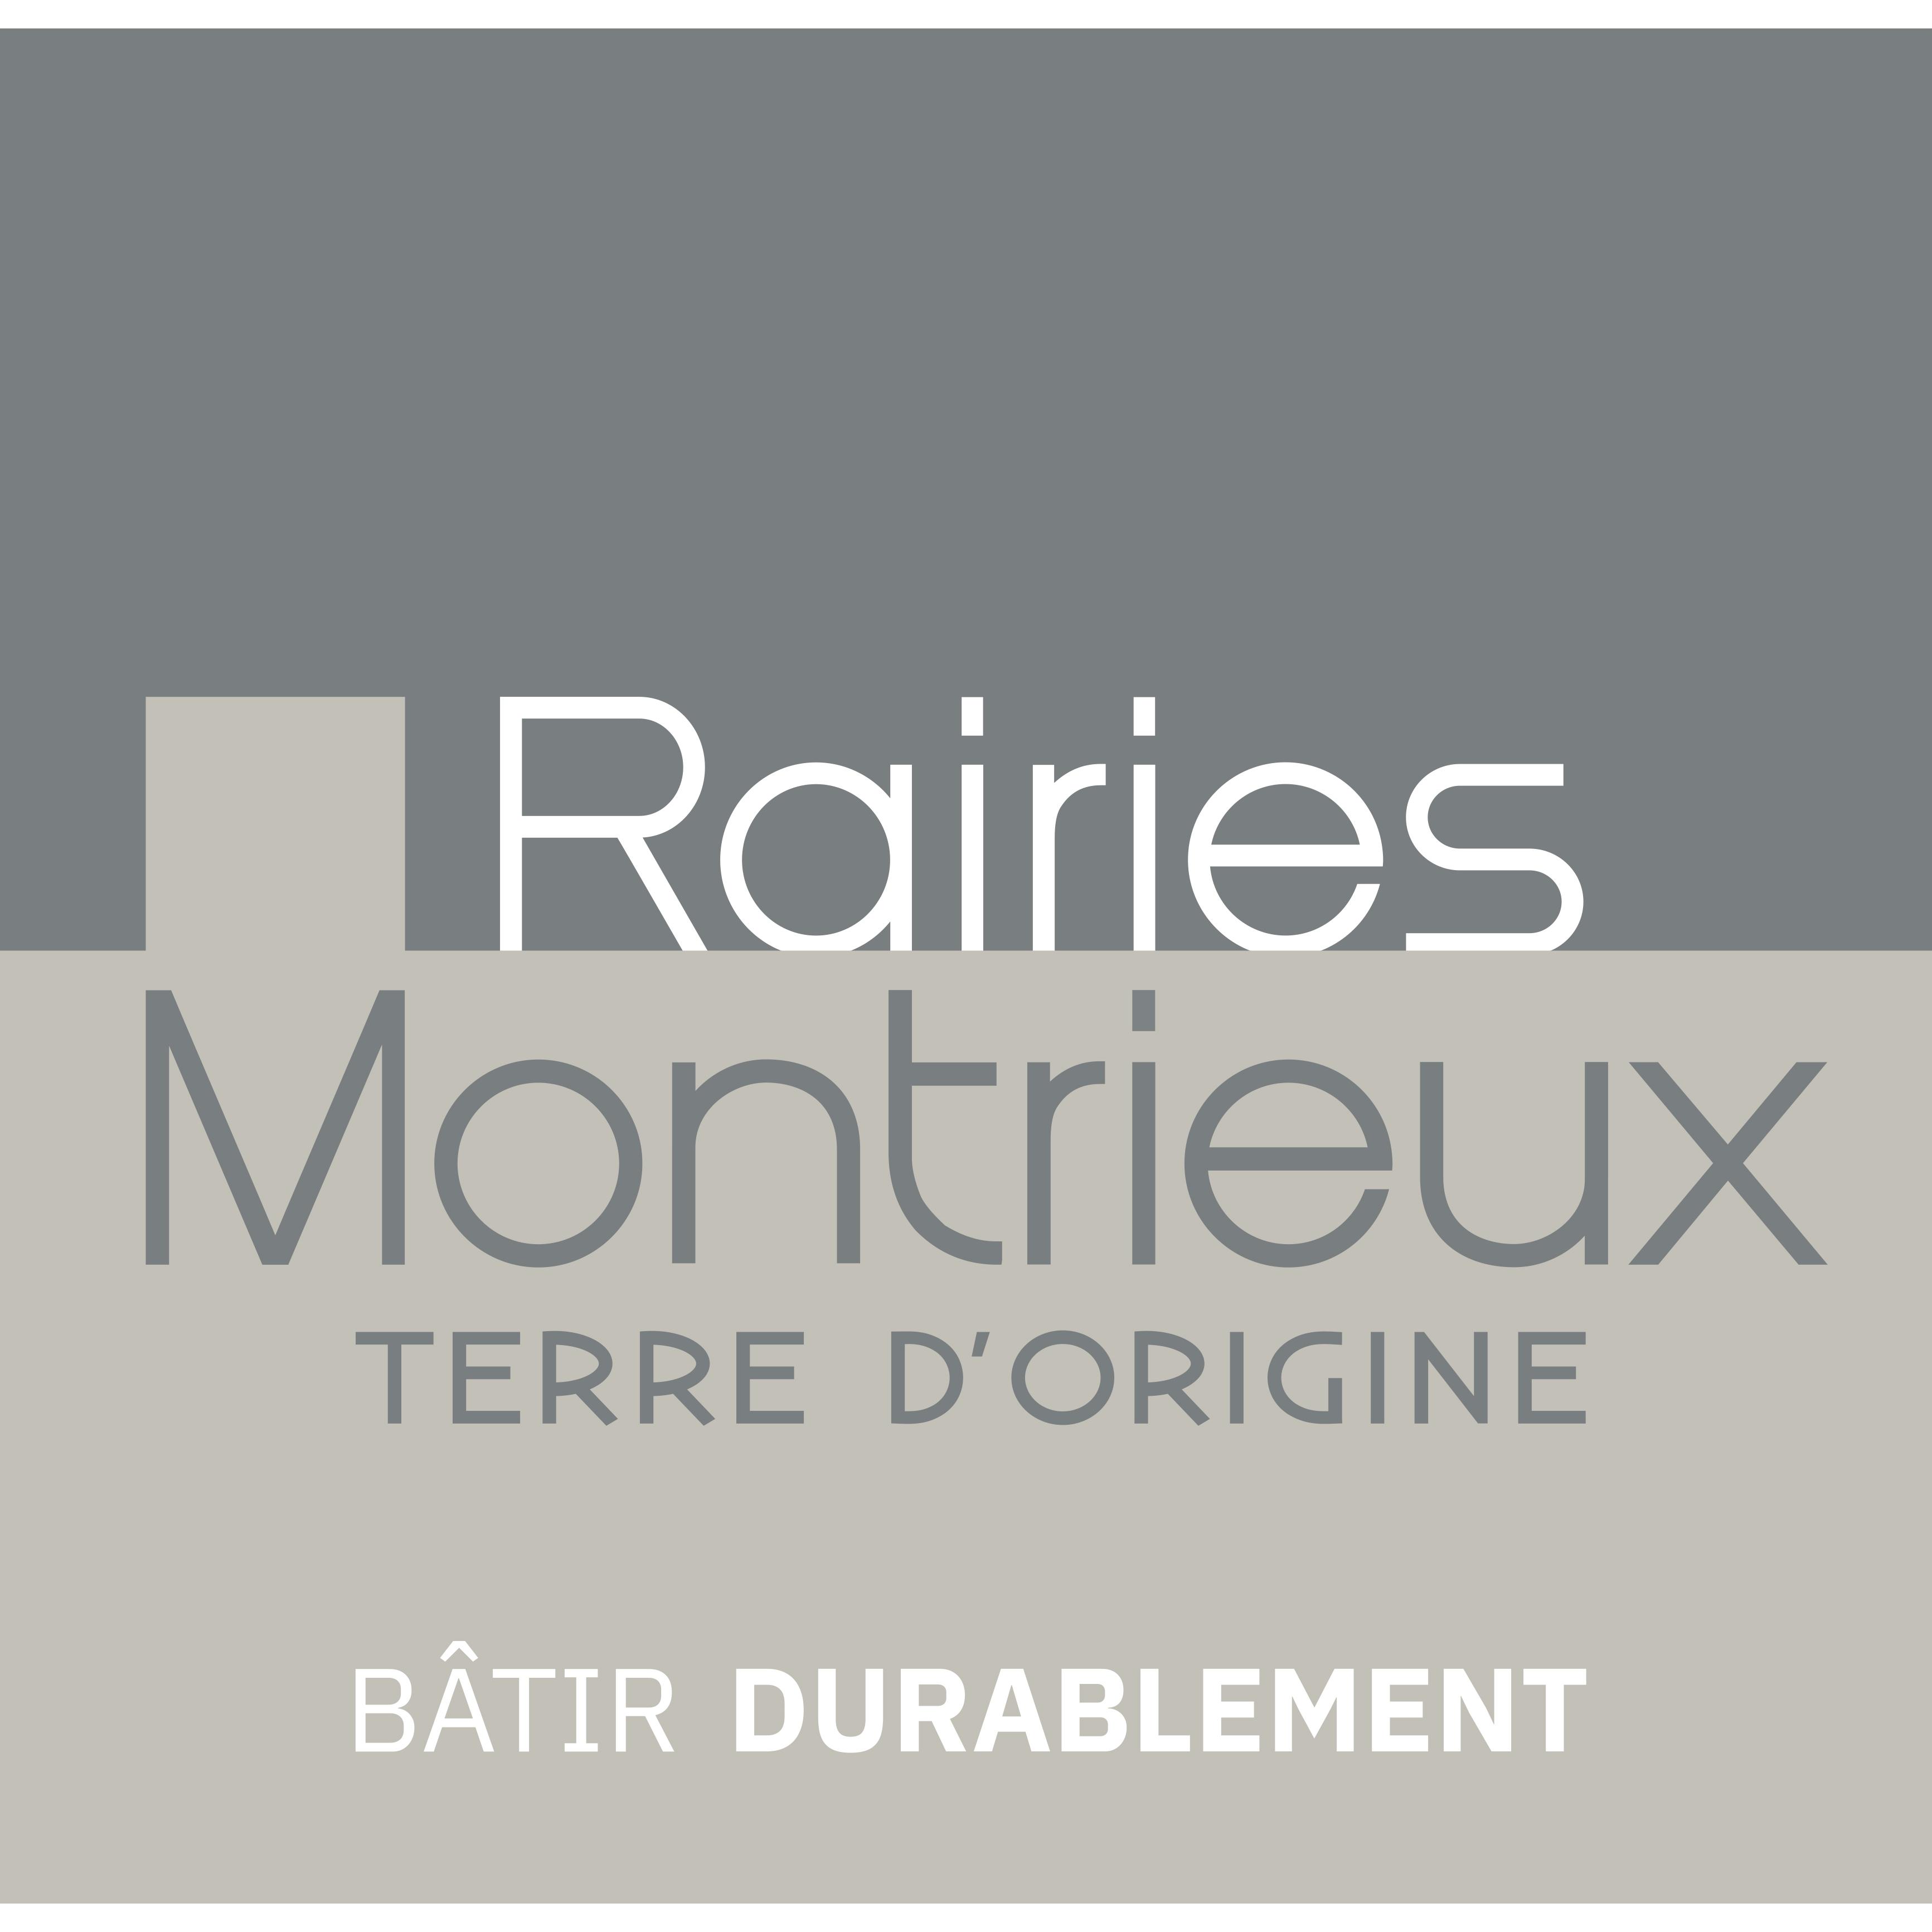 Rairies Montrieux